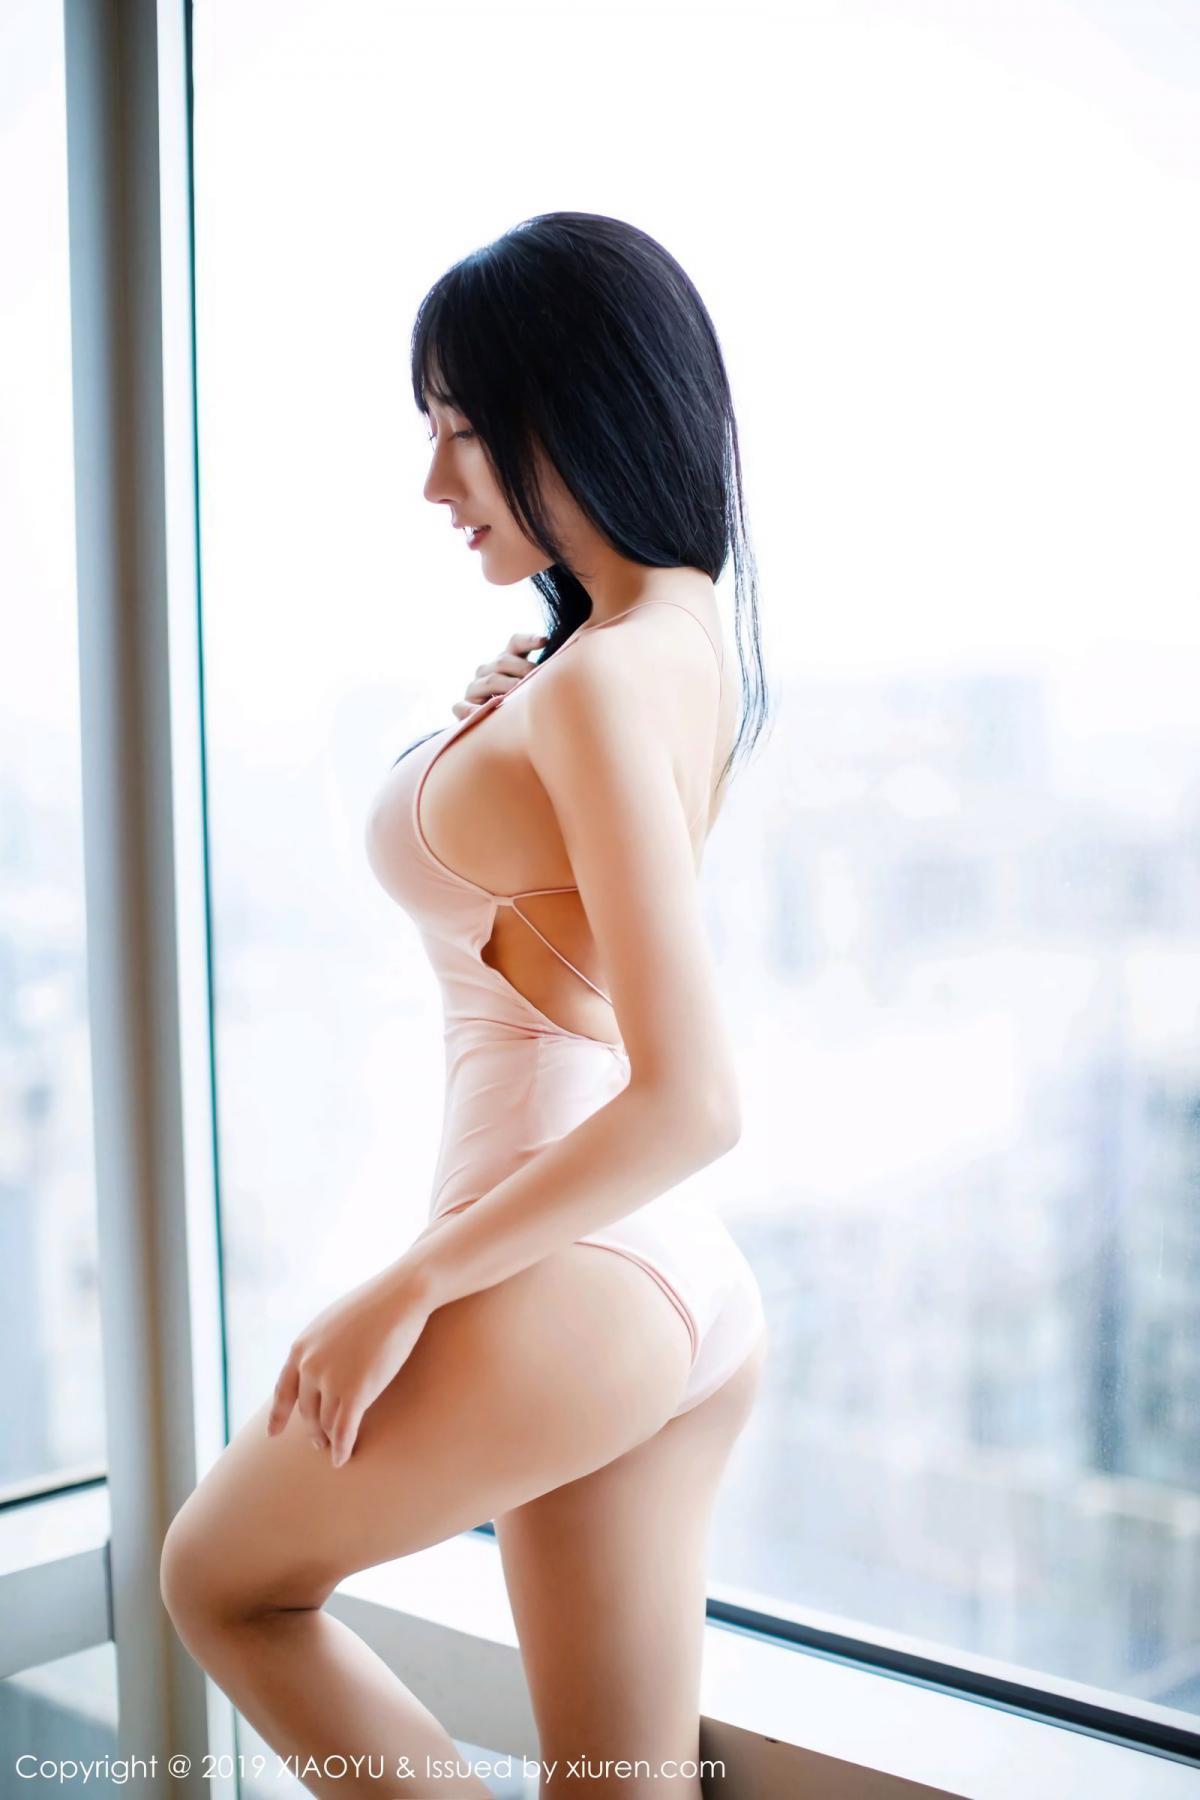 [XiaoYu] Vol.097 He Jia Ying 62P, He Jia Ying, Tall, XiaoYu